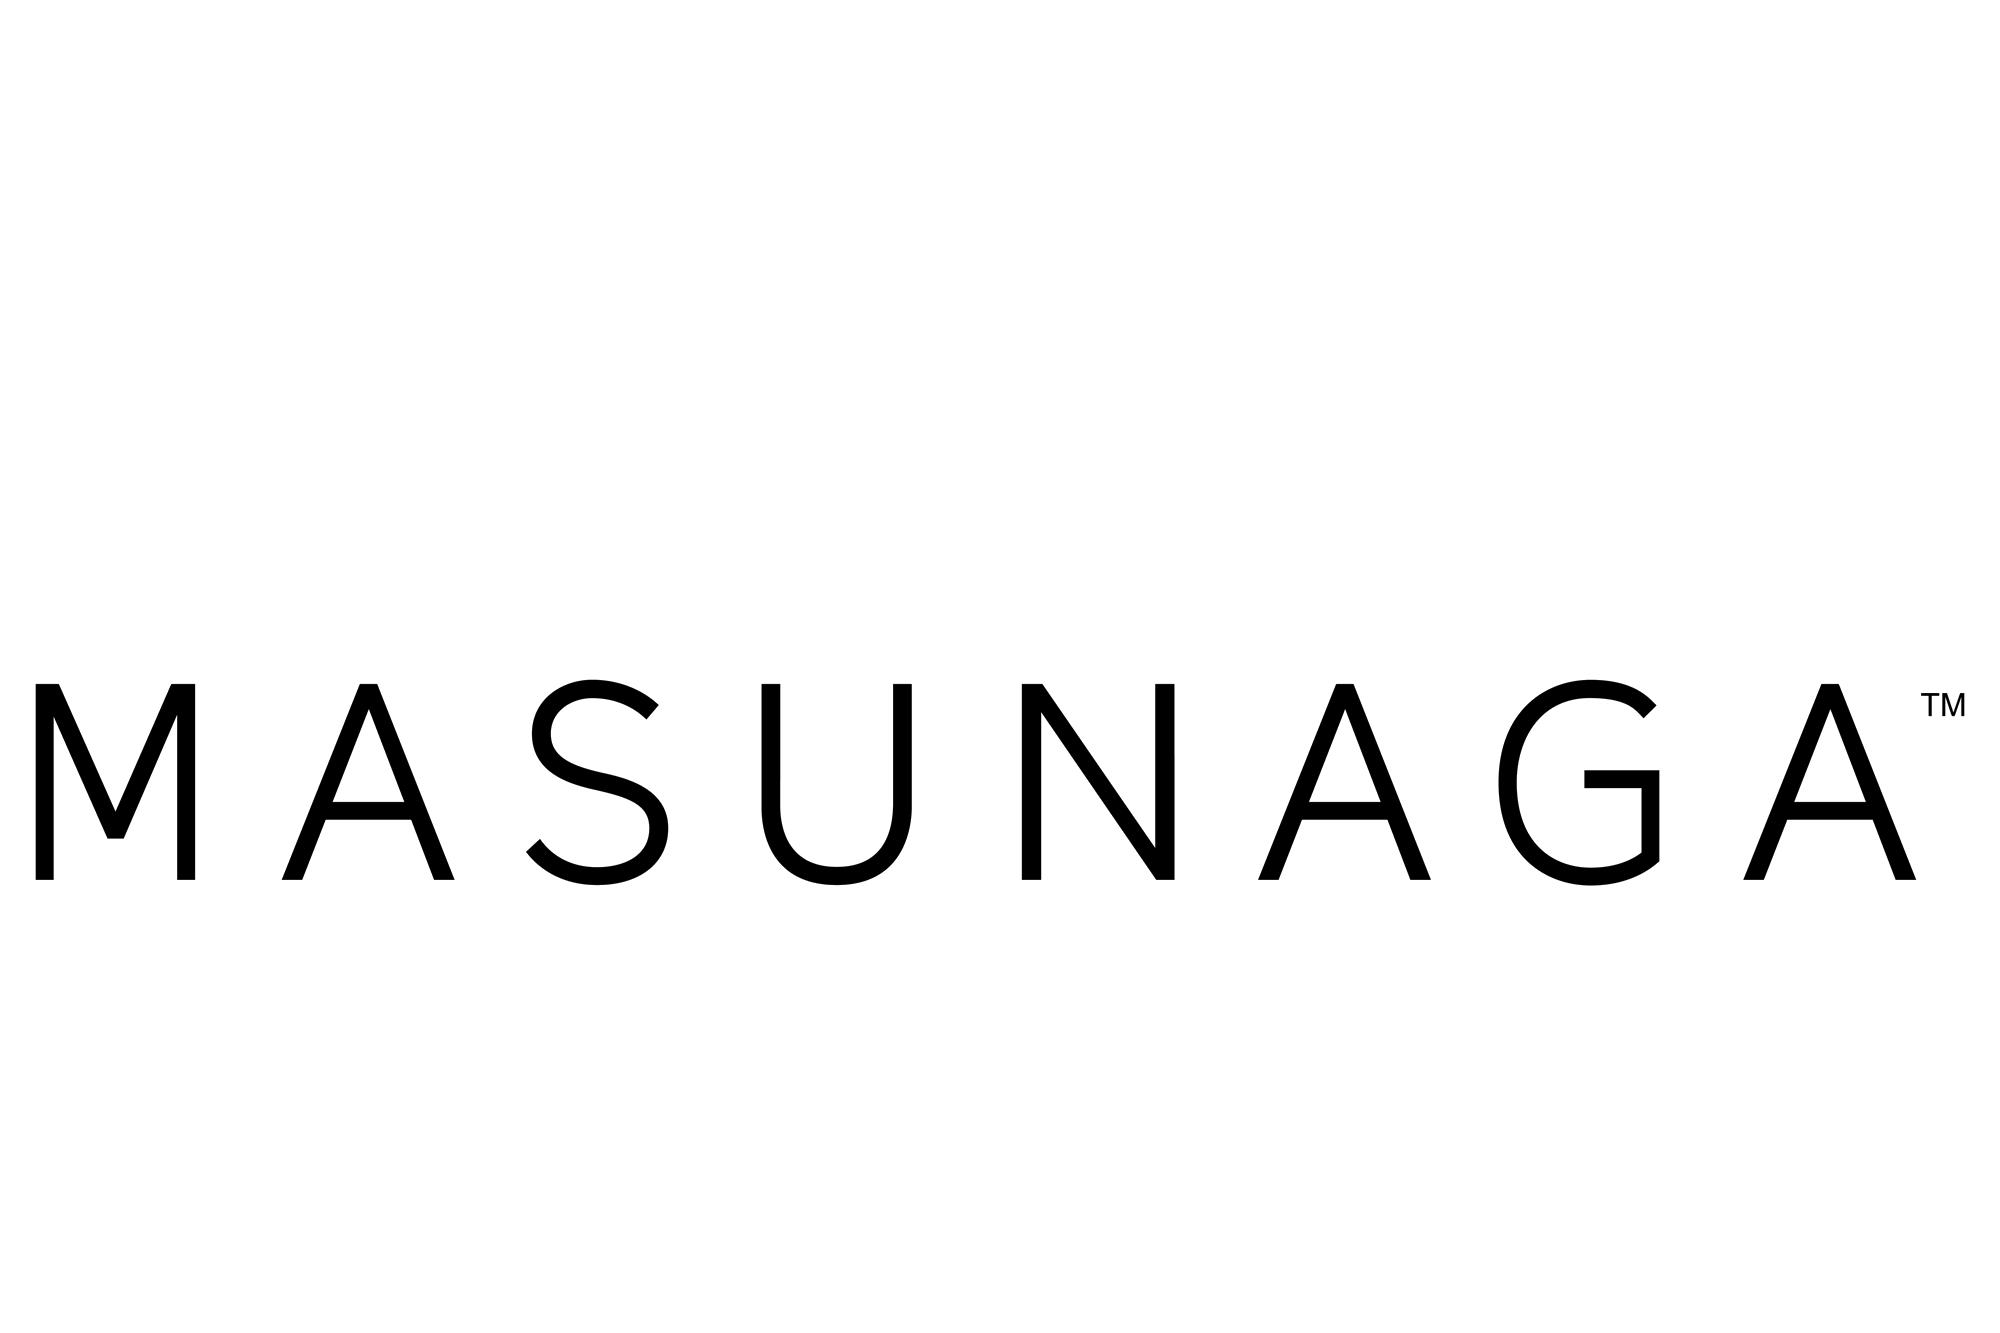 Masunaga - Juliet